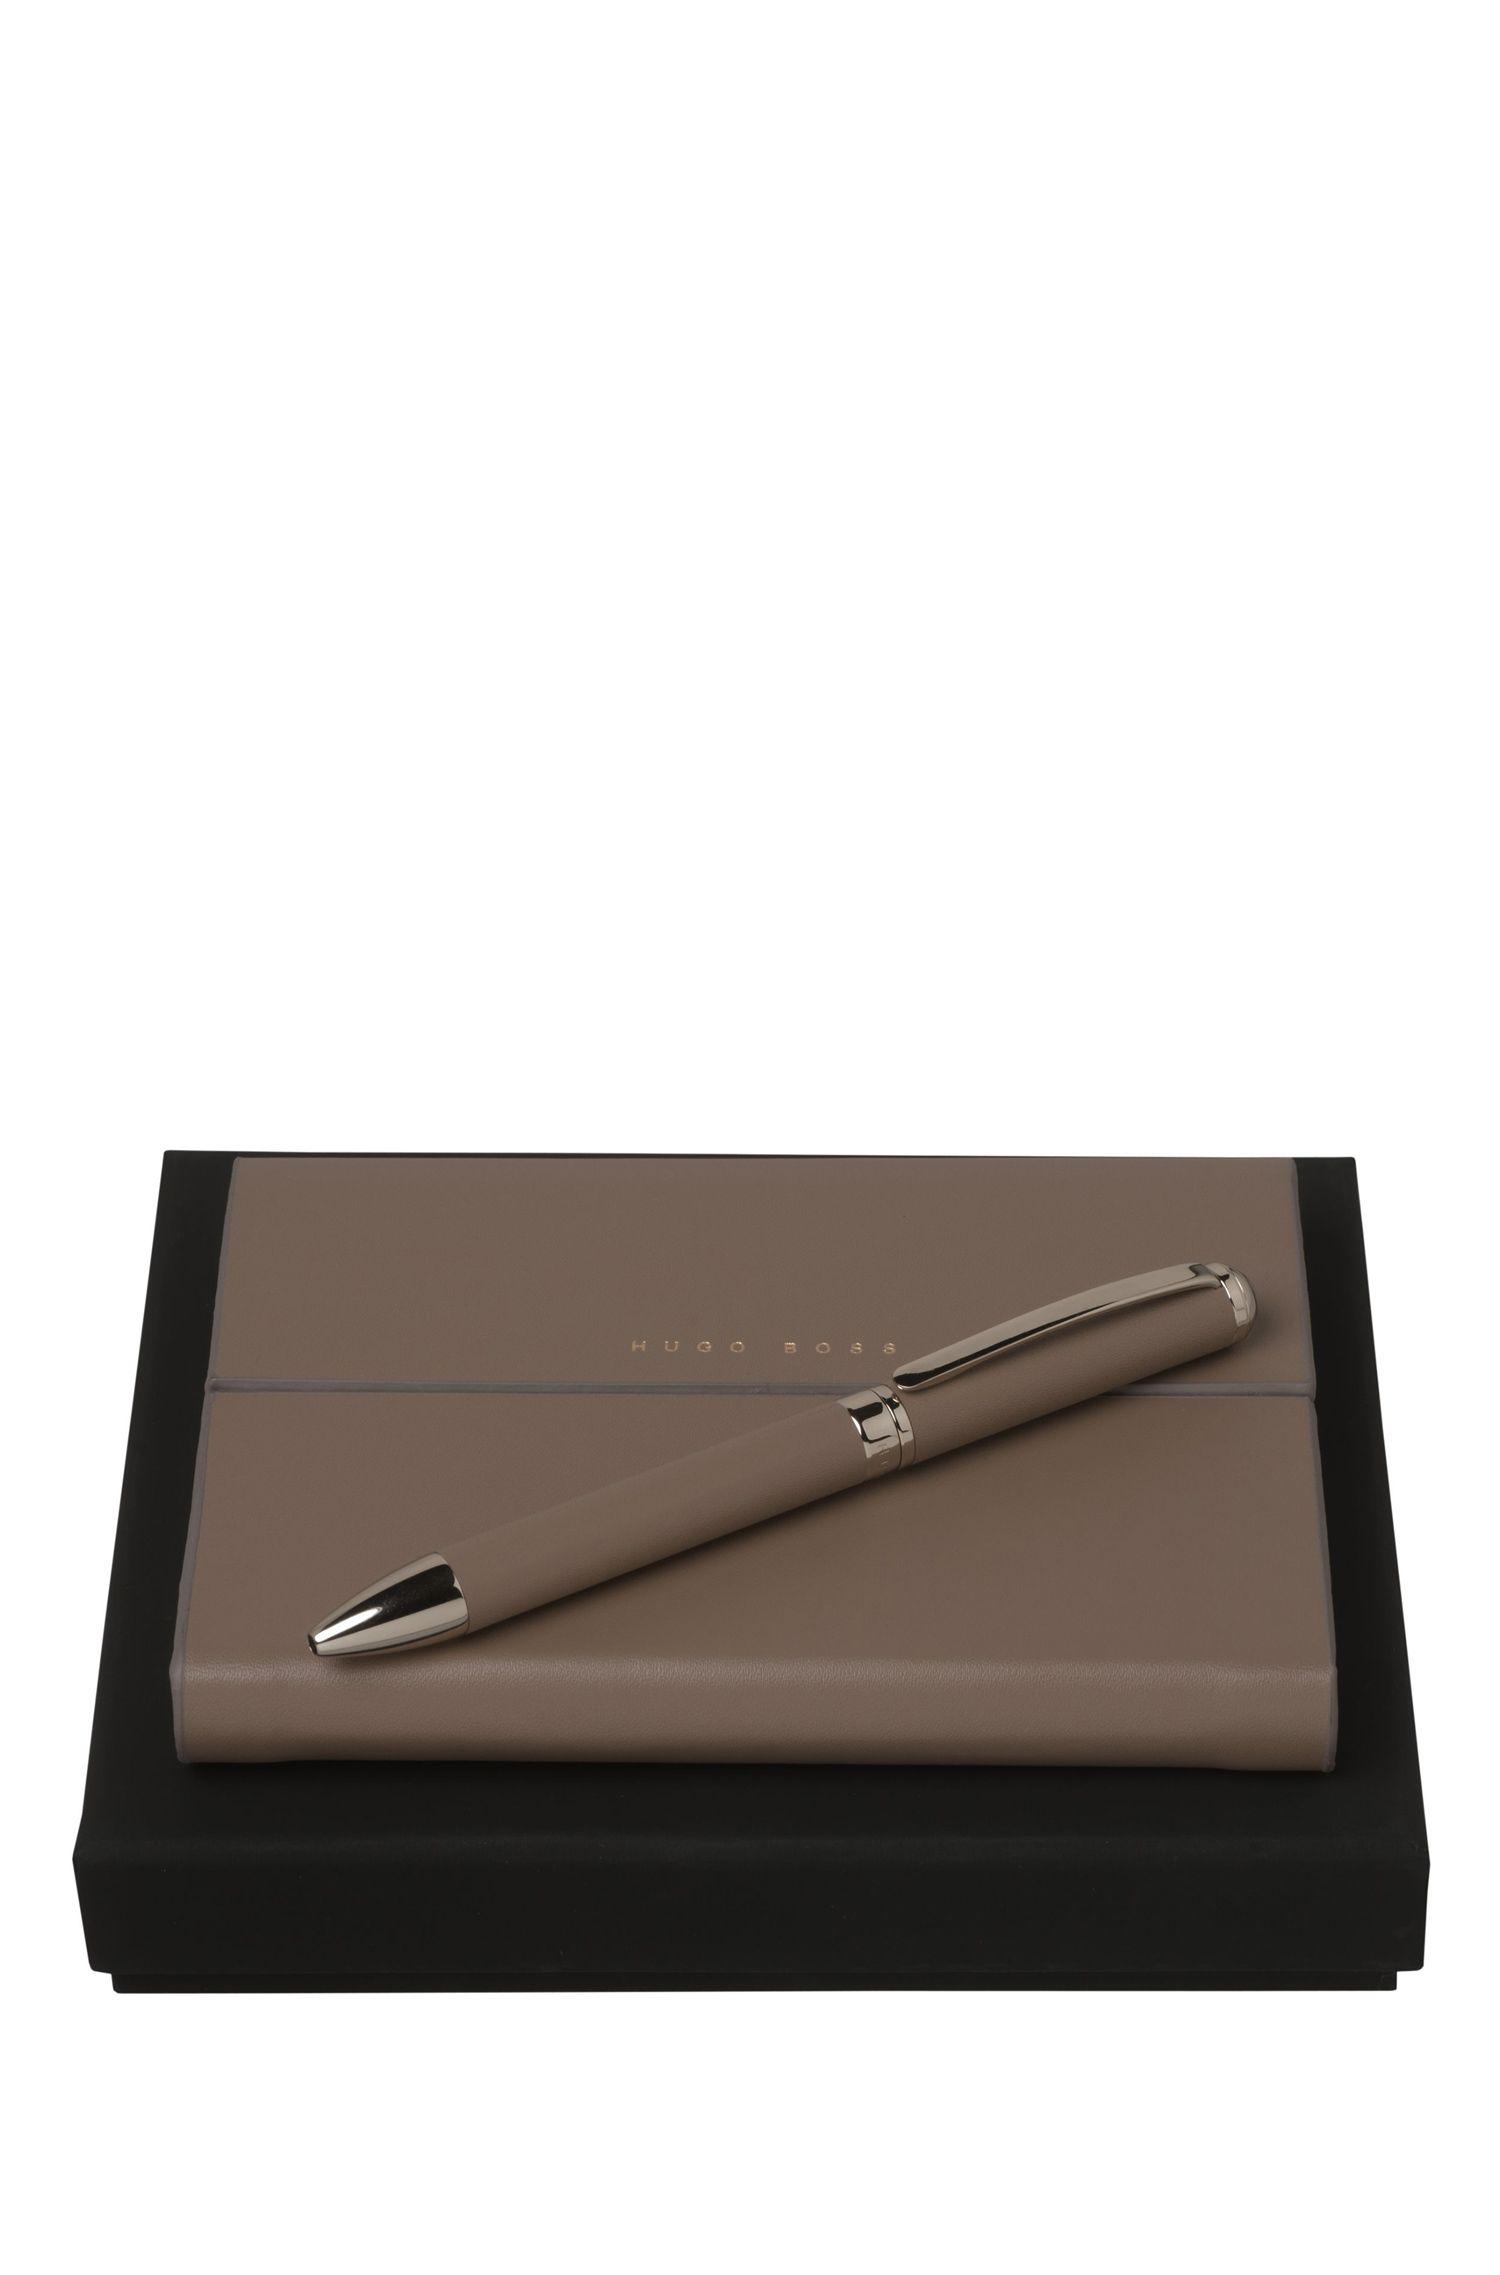 'HPBM606Z'   Verse Ballpoint Pen, Notebook Set